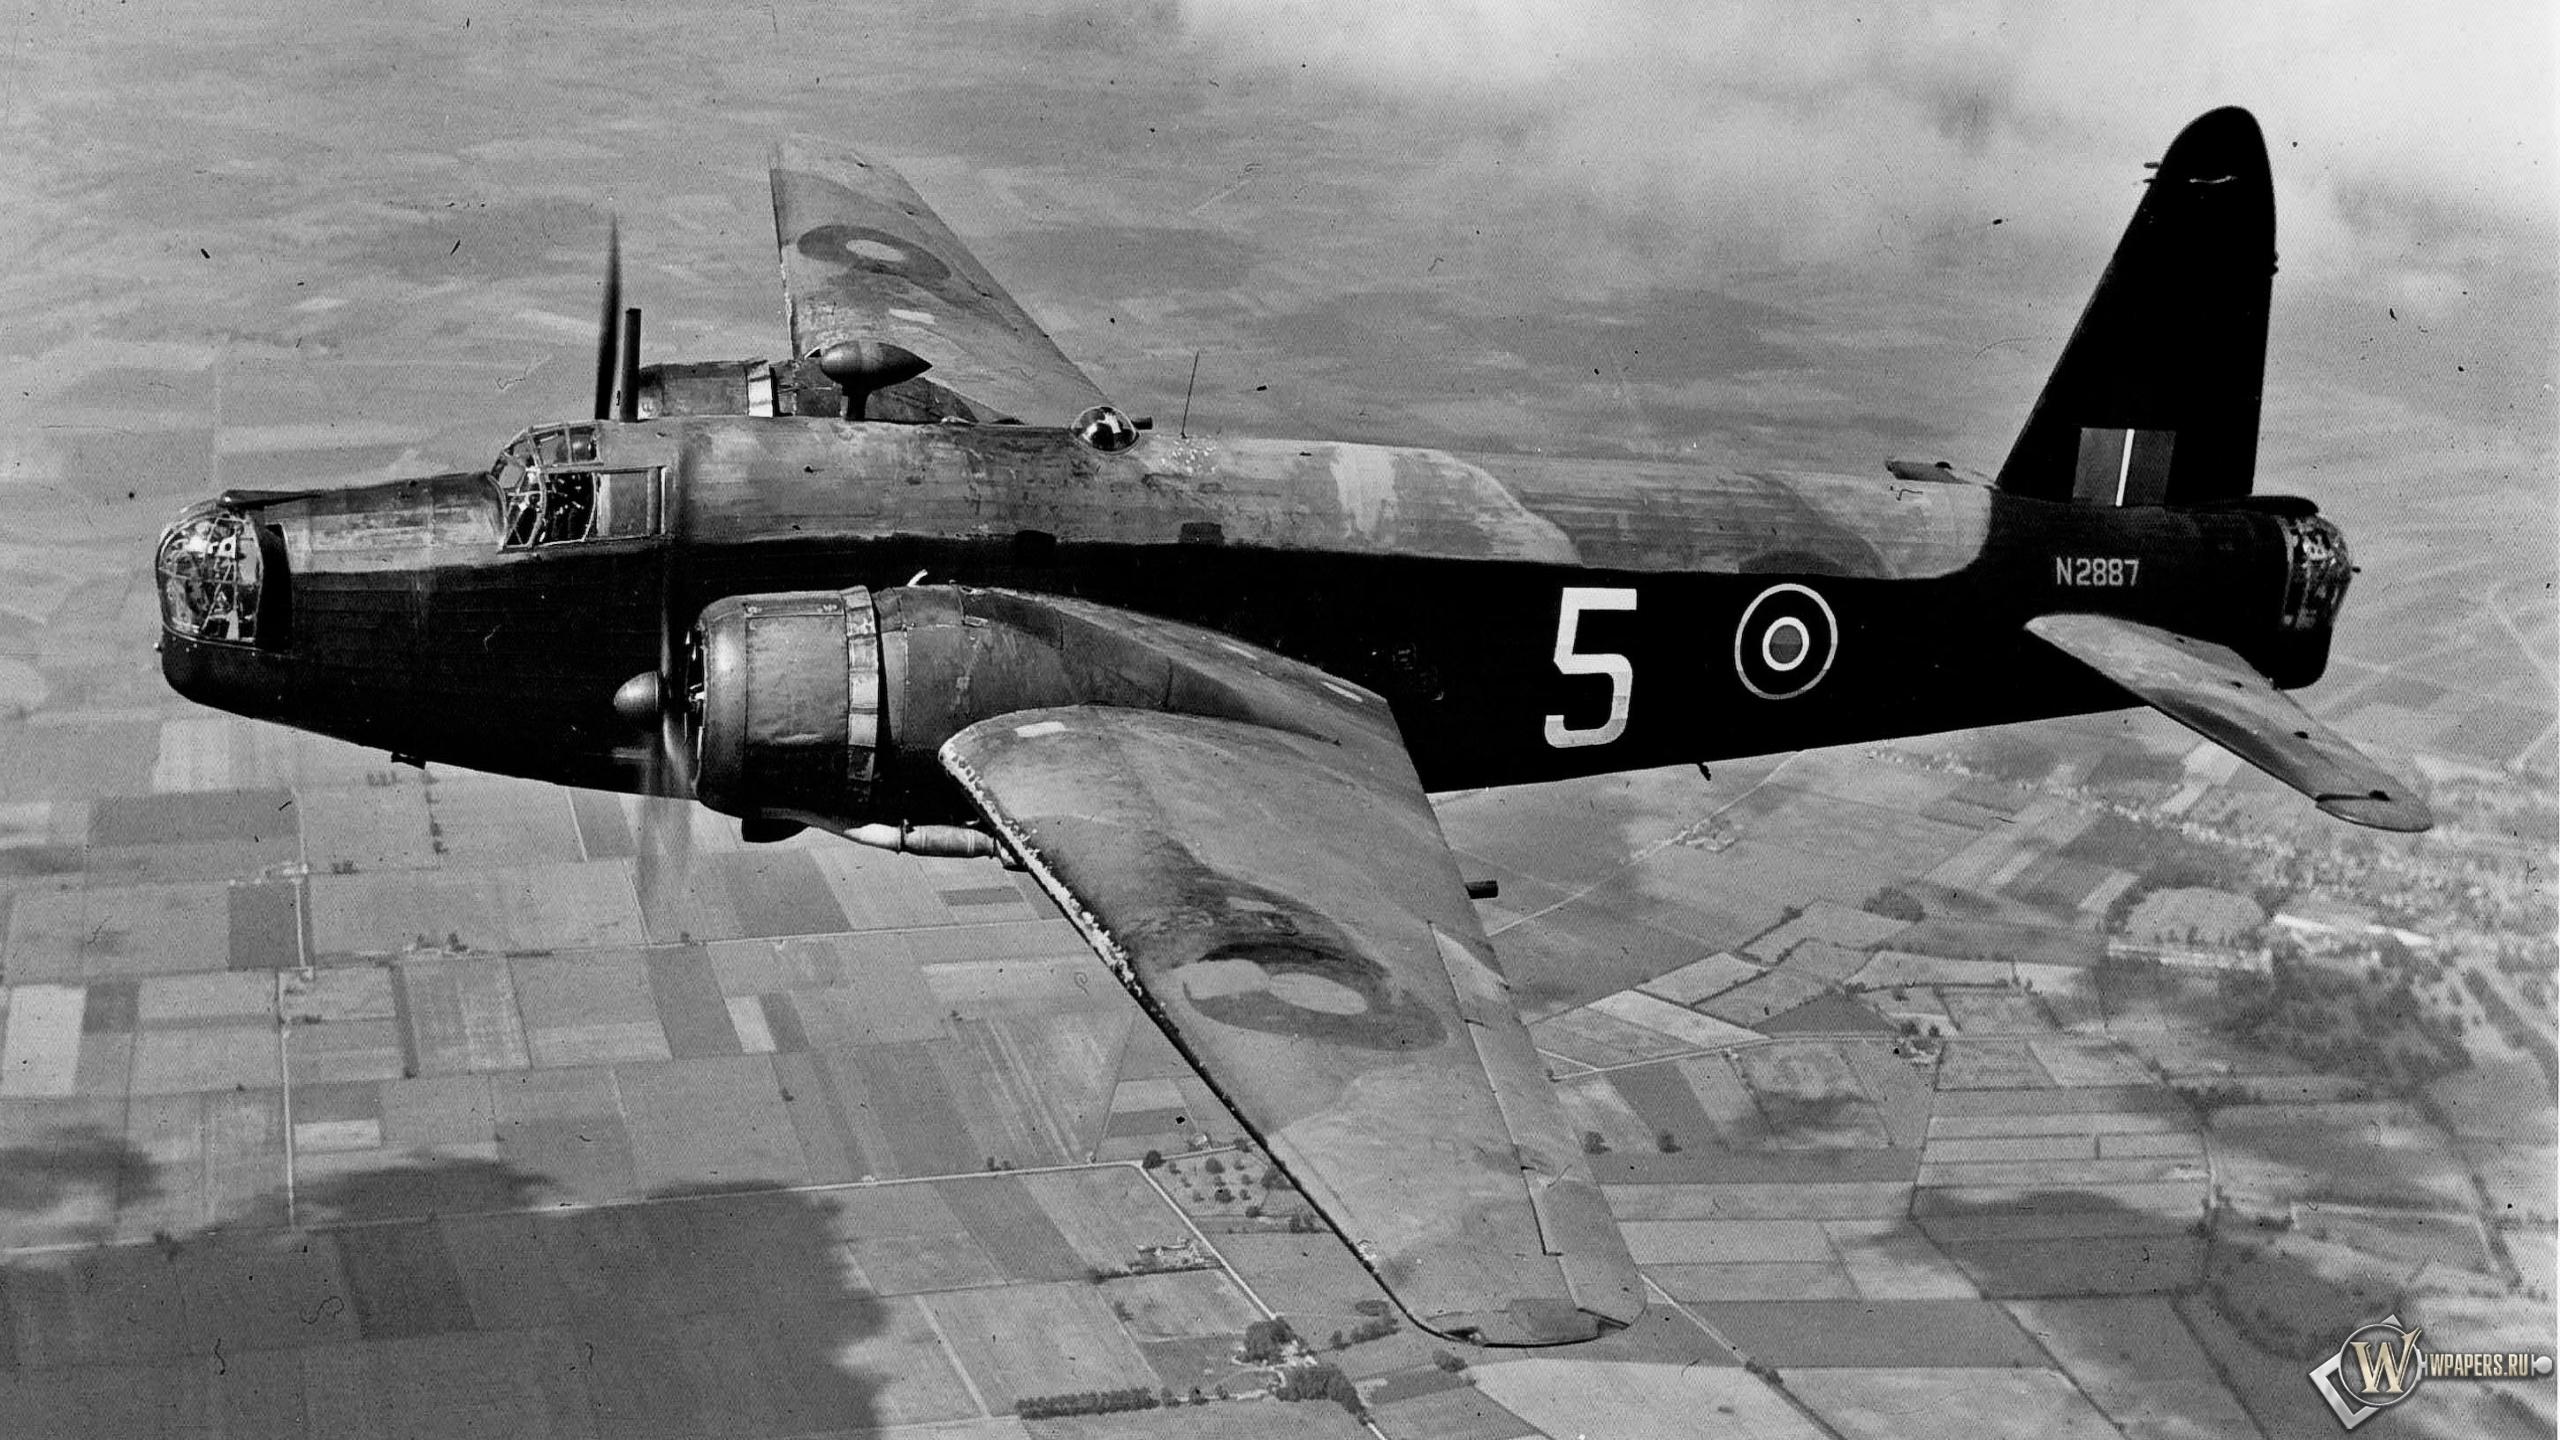 Виккерс Веллингтон - британский двухмоторный бомбардировщик 2560x1440